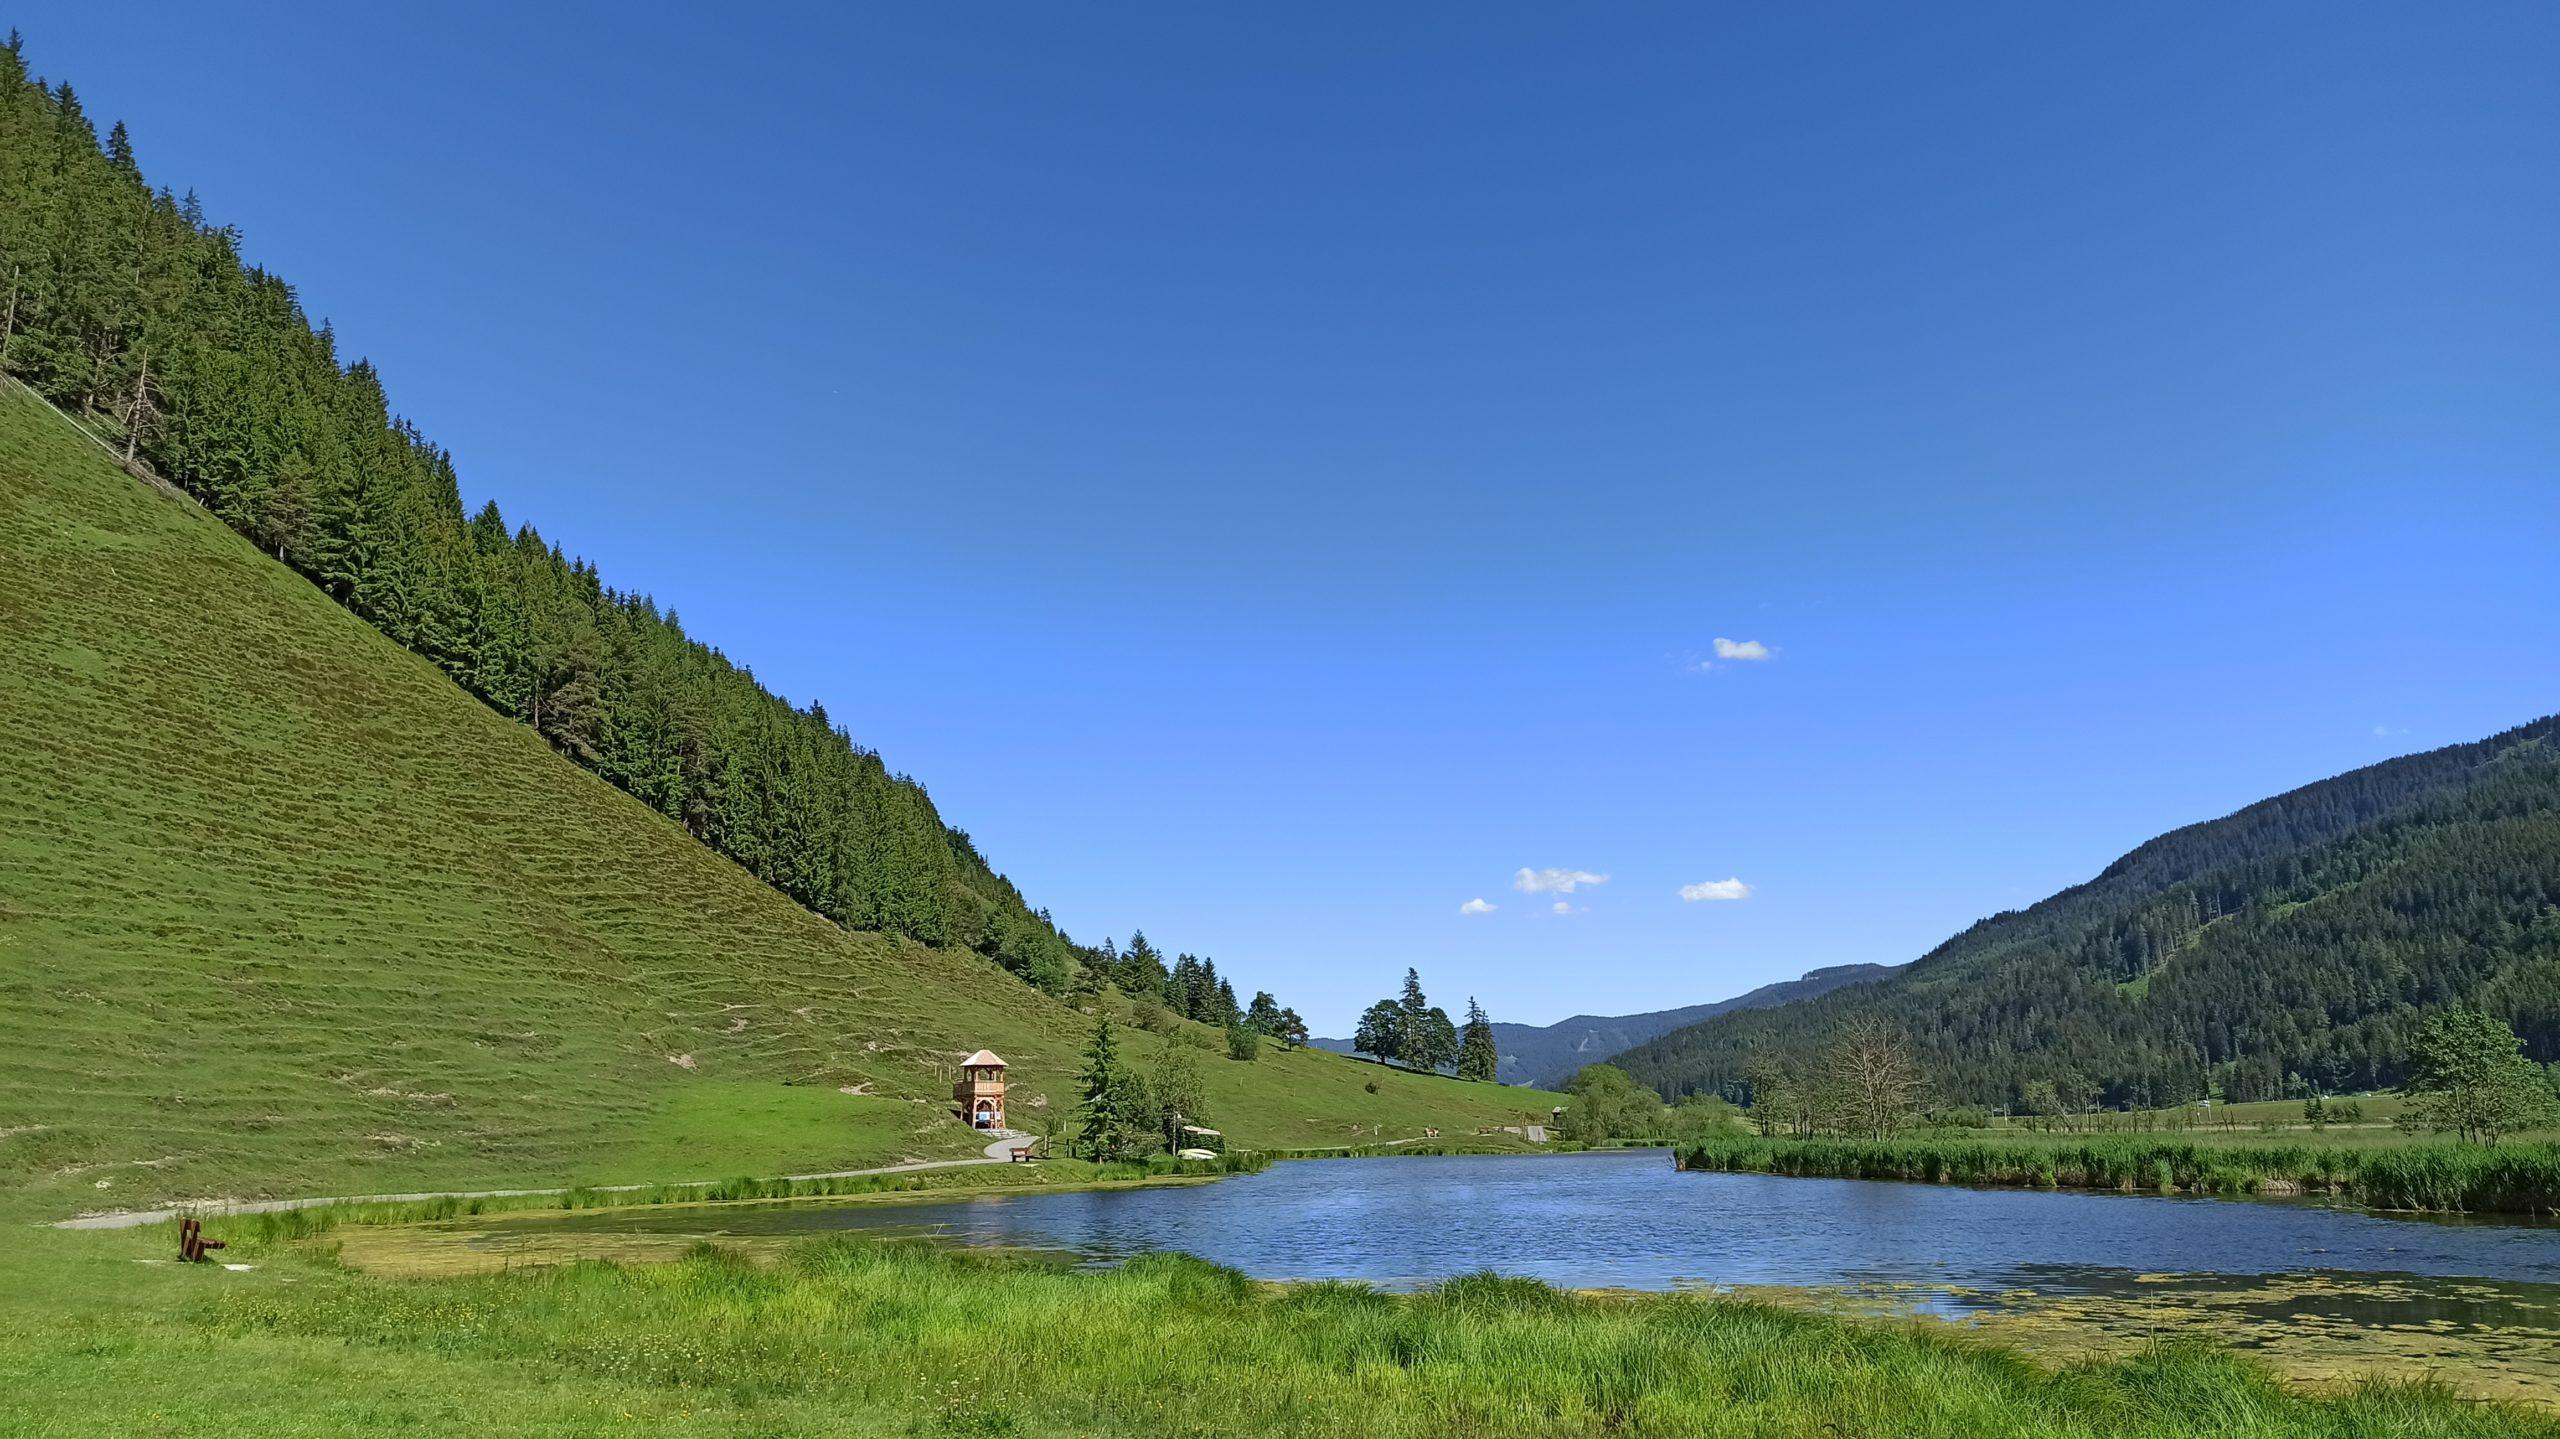 Das ruhige Idyll: Neben dem See der steile Hang